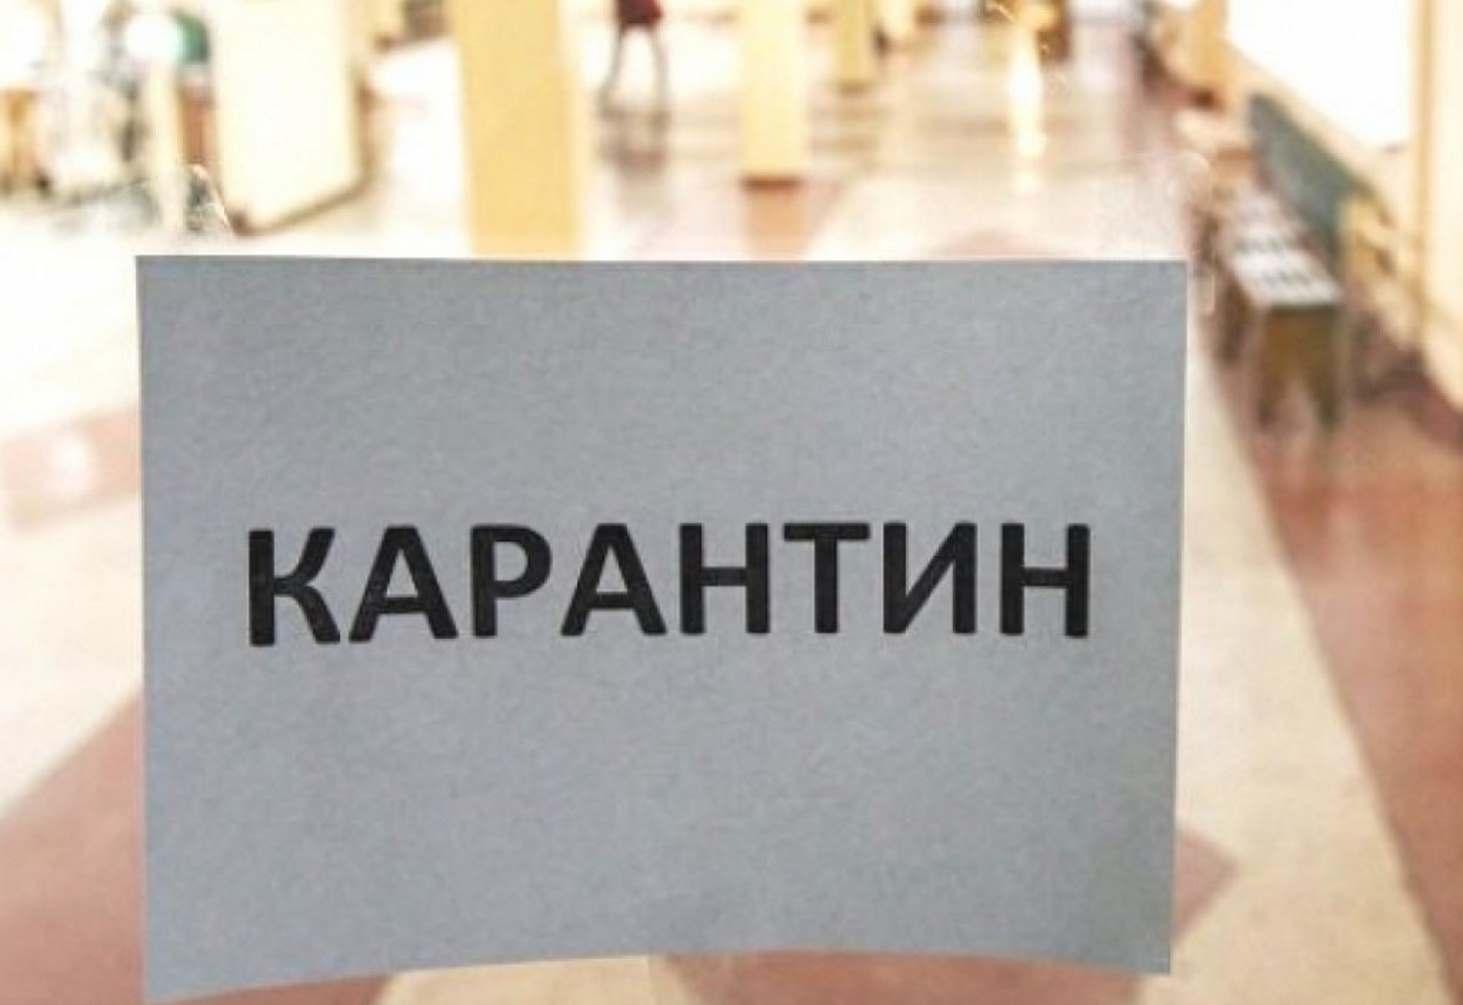 yunesko-polovina-uchashhihsya-v-mire-vynuzhdeny-propuskat-zanyatiya